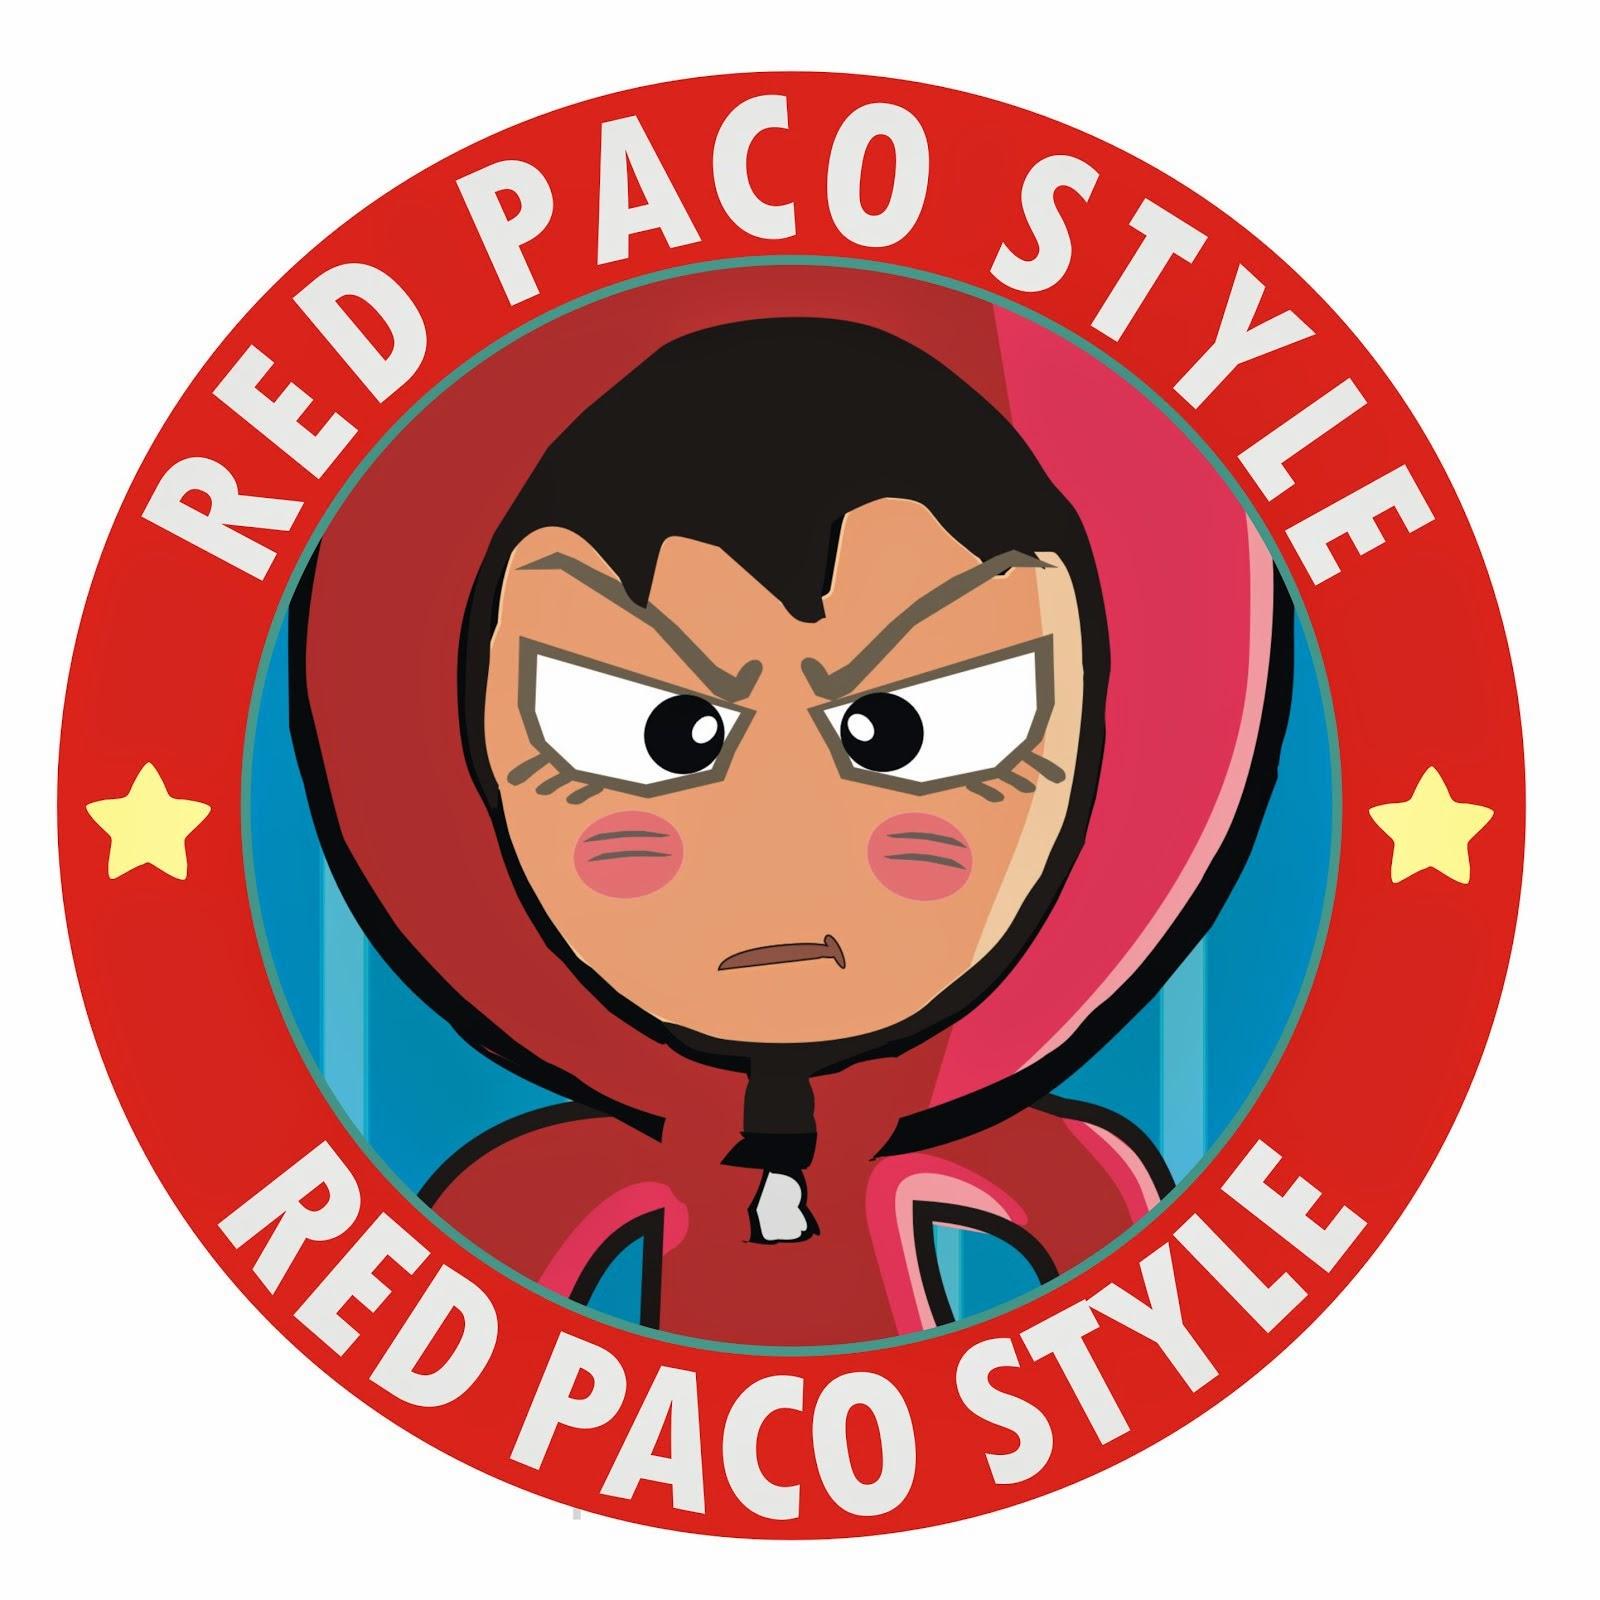 RED PACO 『瑞德帕可』 紅帽三兄弟首部曲 - 卡諾瓦星球 Kanova